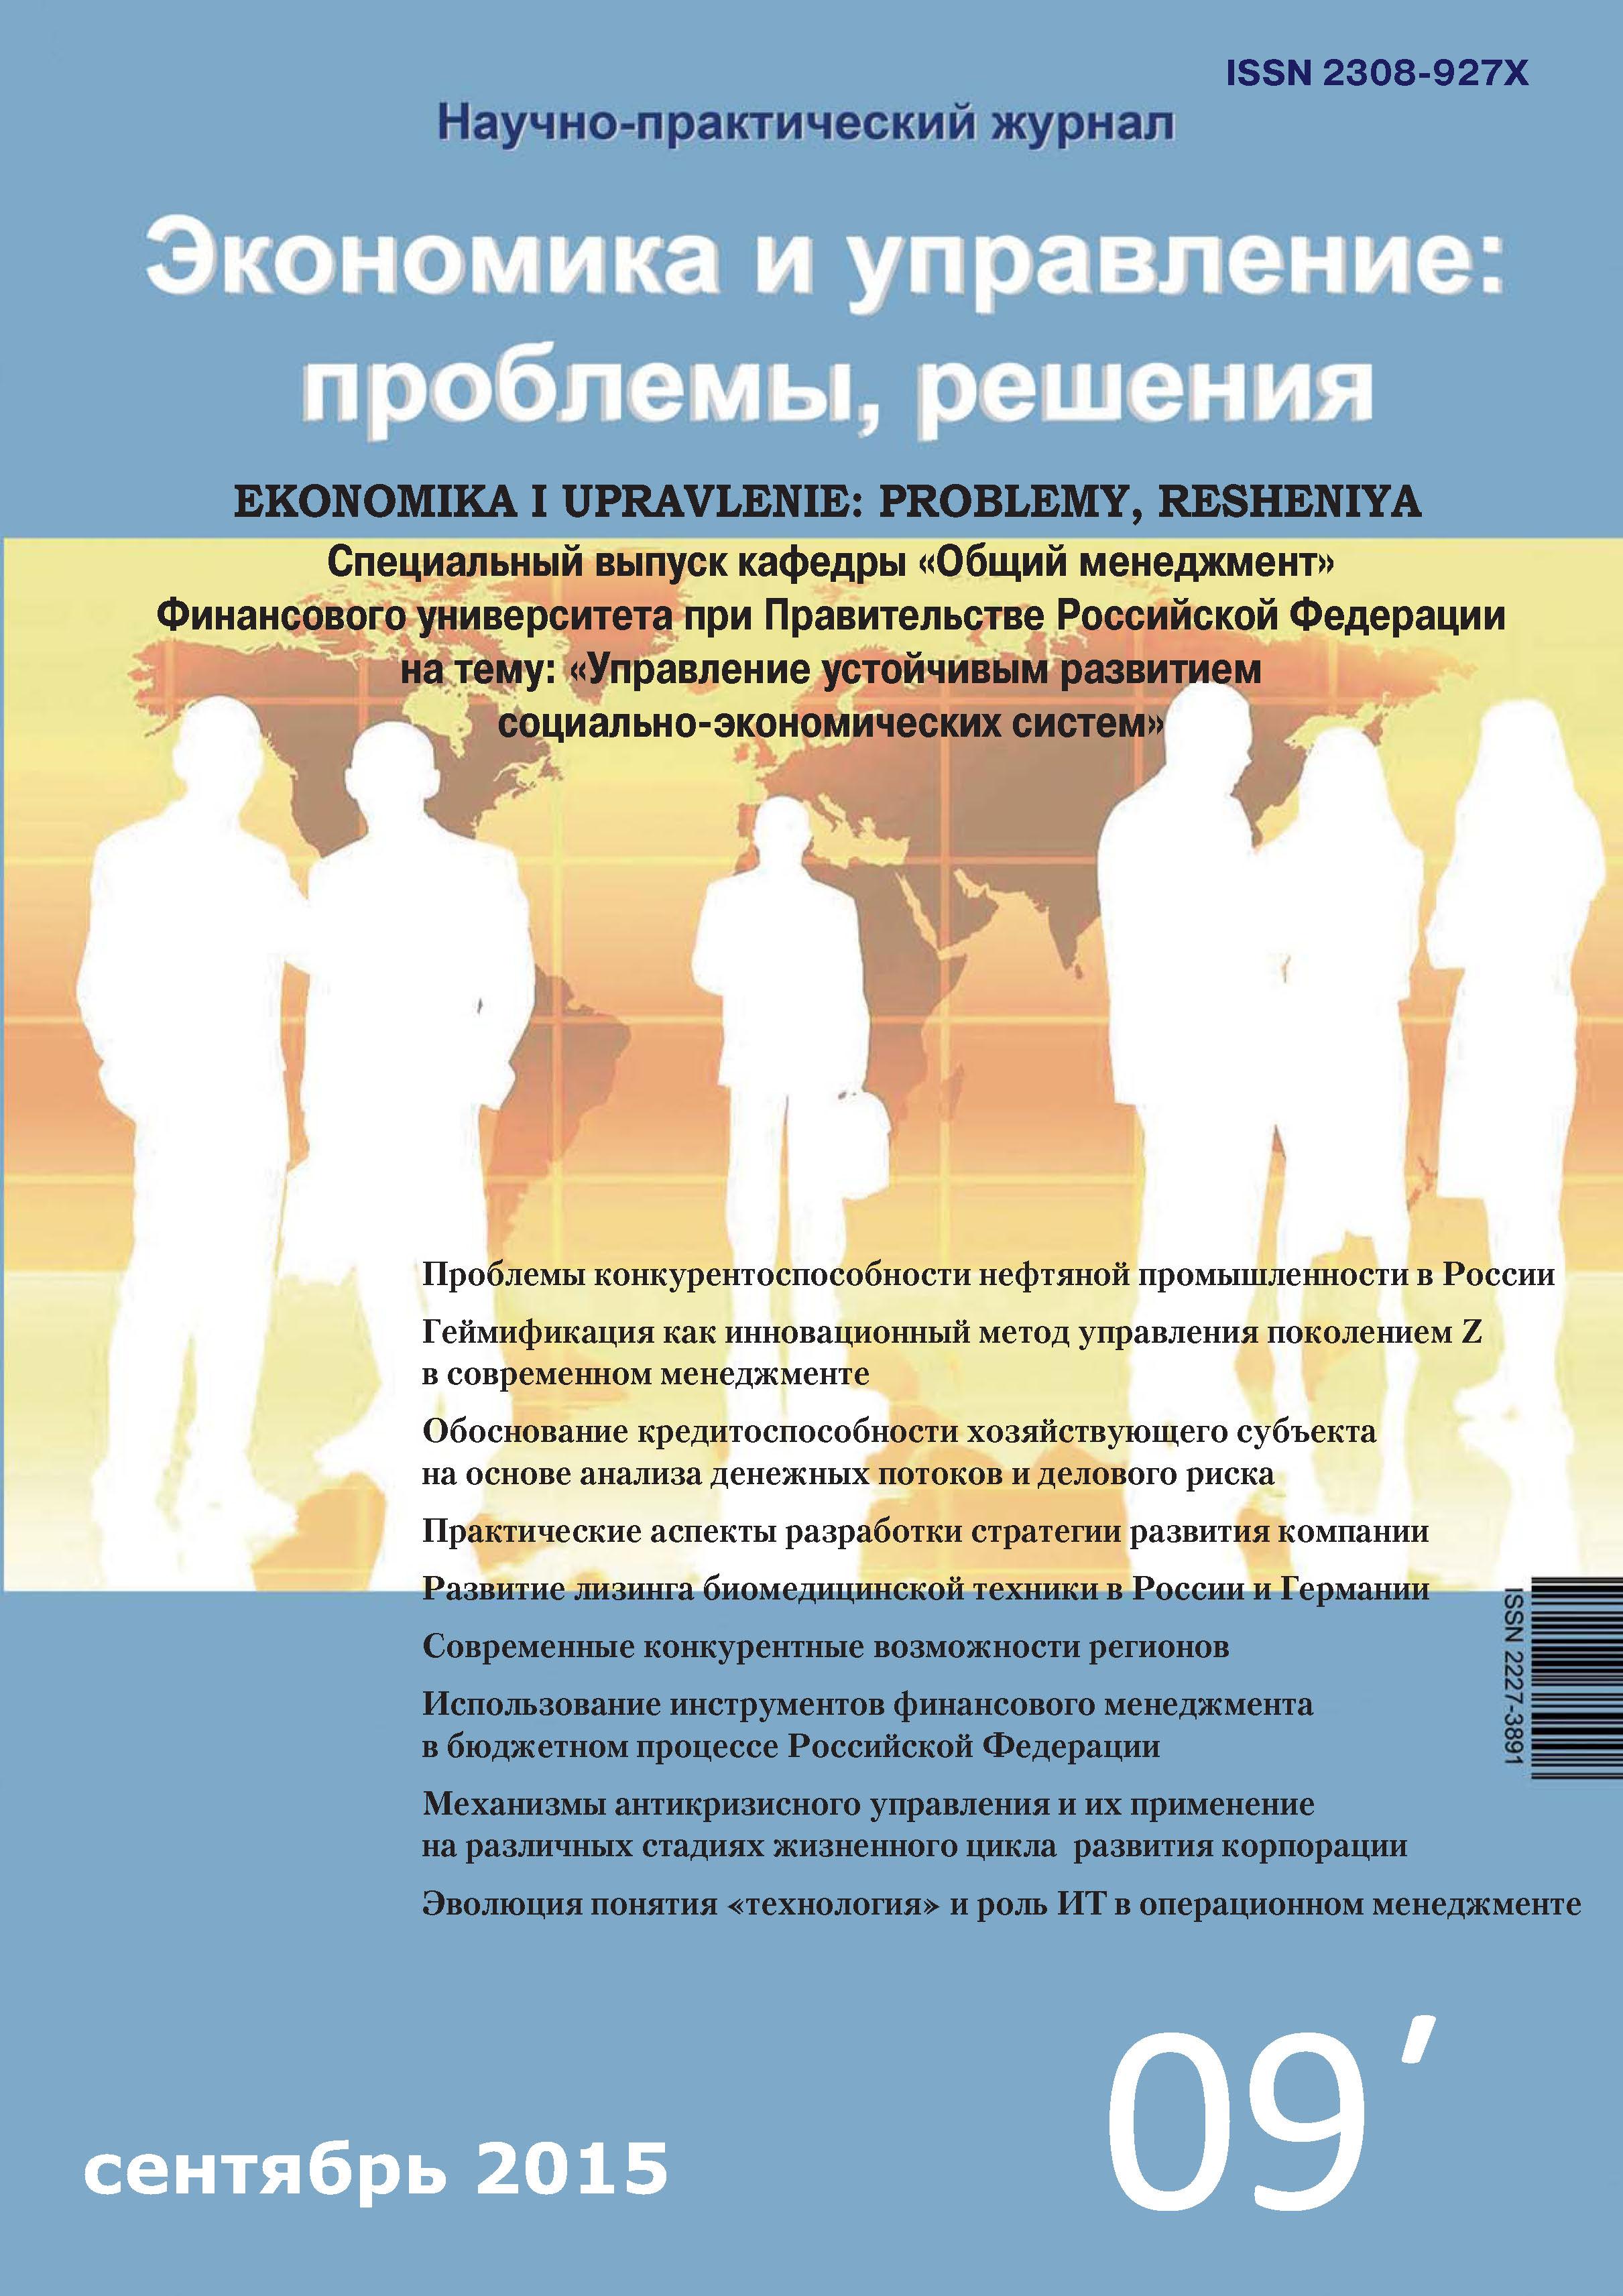 Отсутствует Экономика и управление: проблемы, решения №09/2015